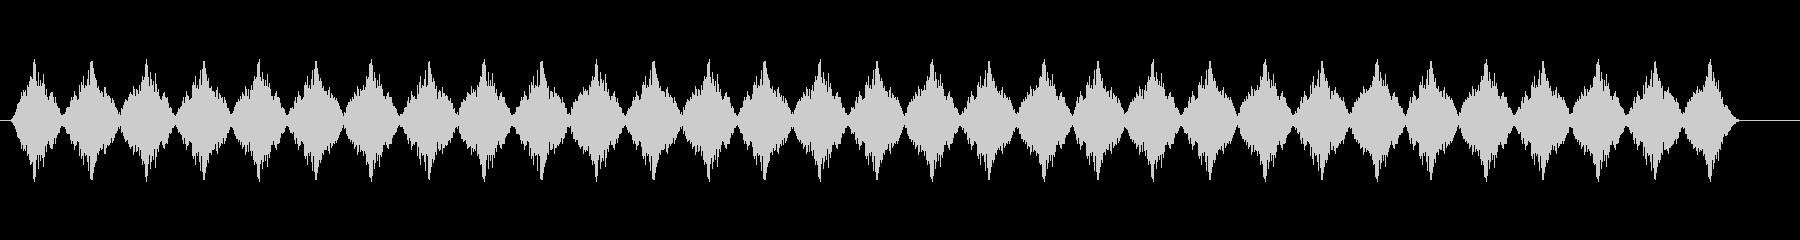 渦、劇的な雰囲気の未再生の波形